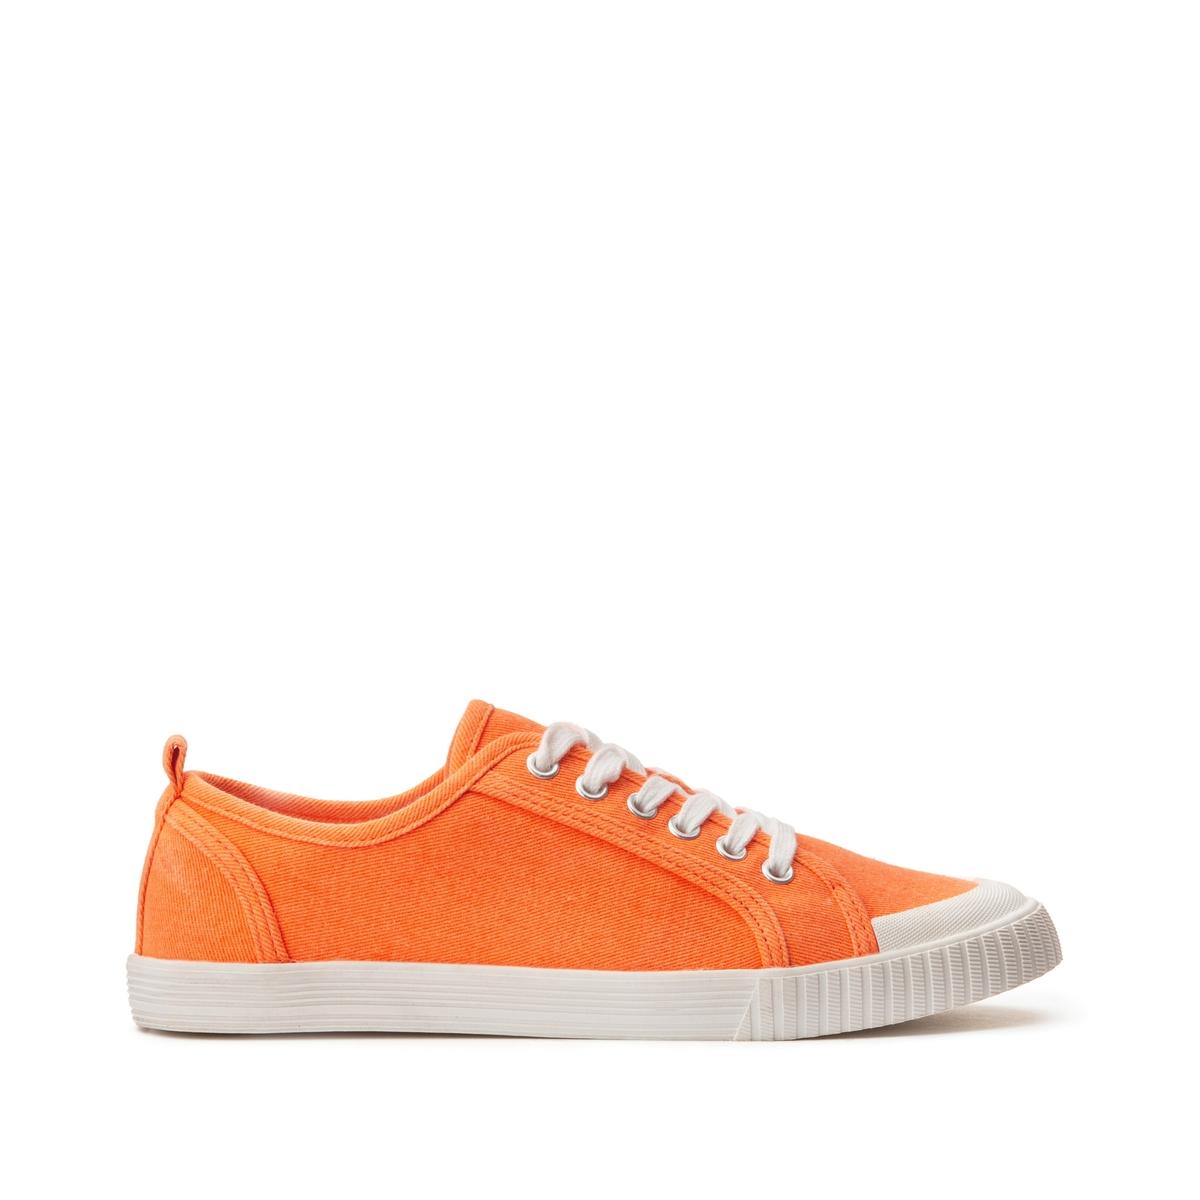 цена Кеды La Redoute На шнуровке из окрашенной ткани 39 оранжевый онлайн в 2017 году